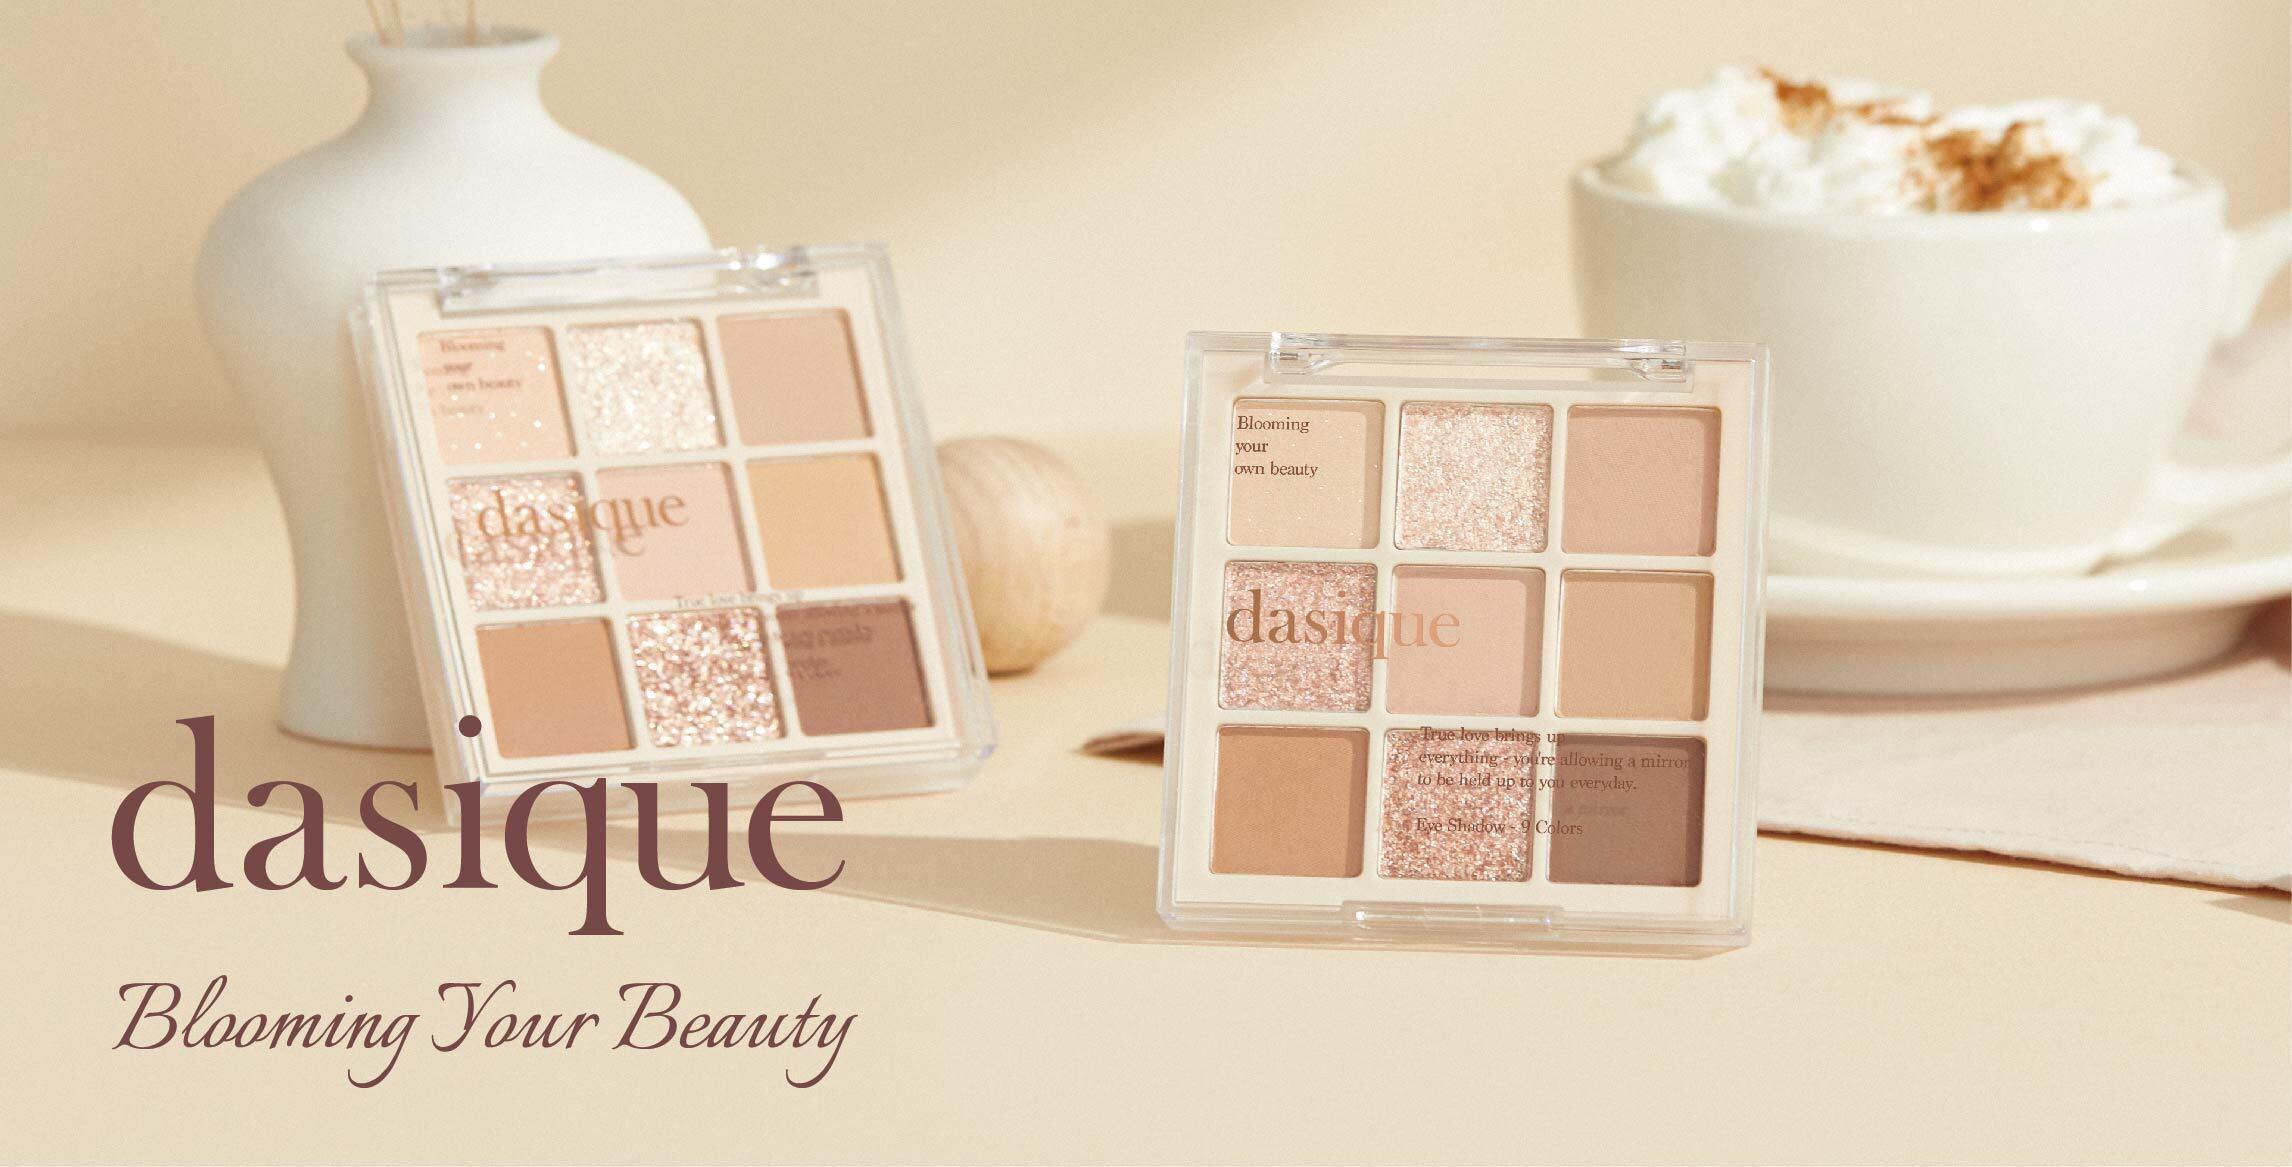 デイジーク(dasique) 「Blooming your own beauty ~ 自分だけの美しさを咲かせる」